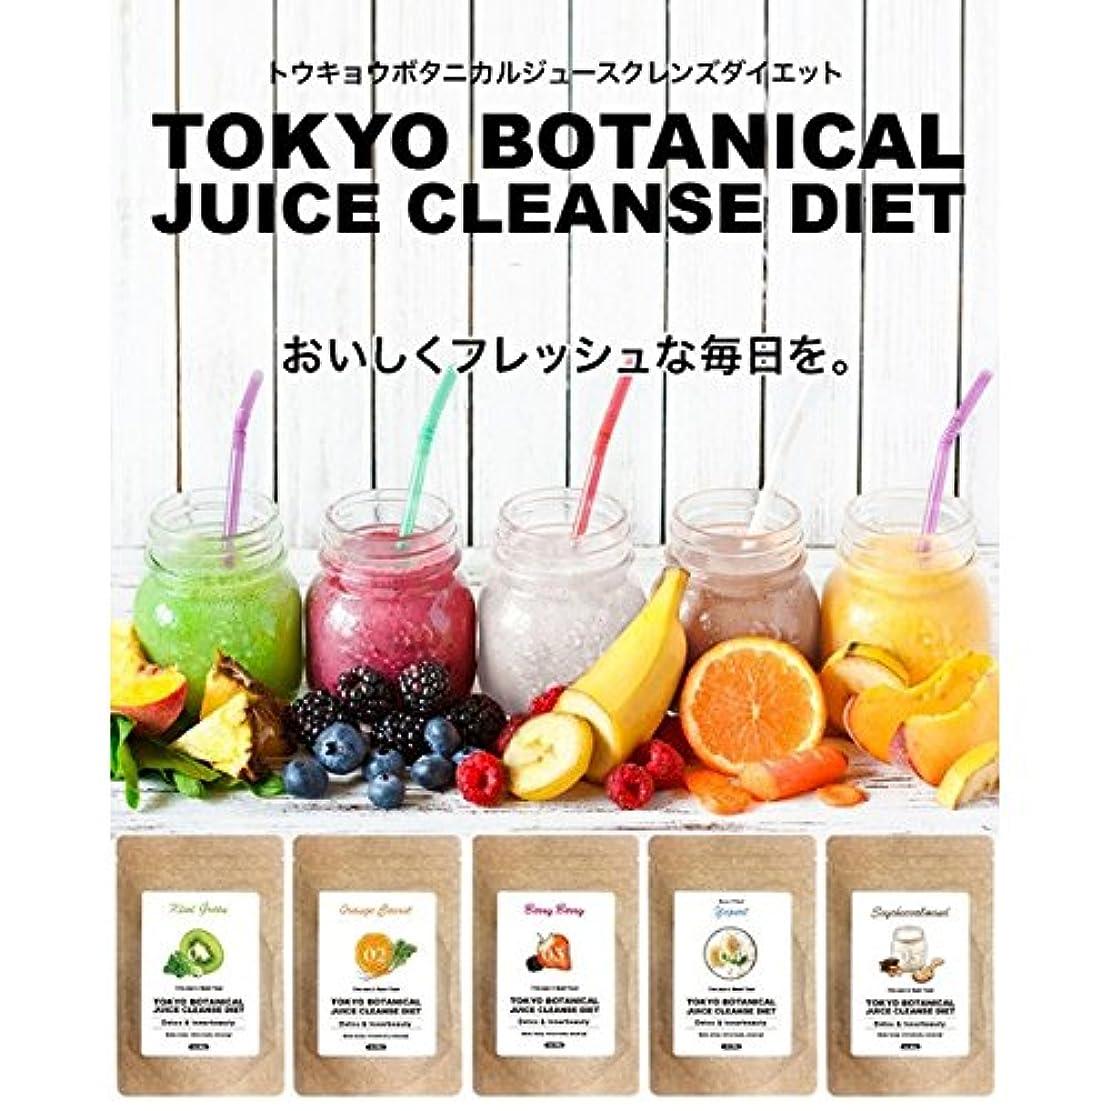 将来の編集する意図する東京ボタニカルジュースクレンズダイエット  キウイグリーン&ソイチョコアーモンドセット